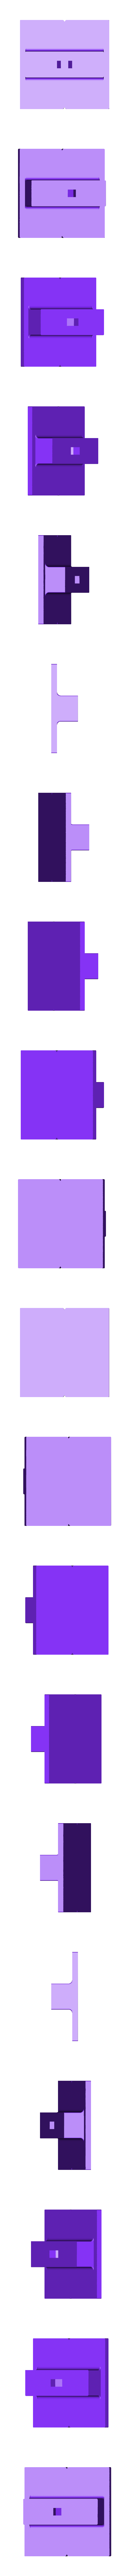 Microscope_Stage_End.stl Télécharger fichier STL gratuit Platine de microscope USB et support de trépied • Design à imprimer en 3D, mechengineermike